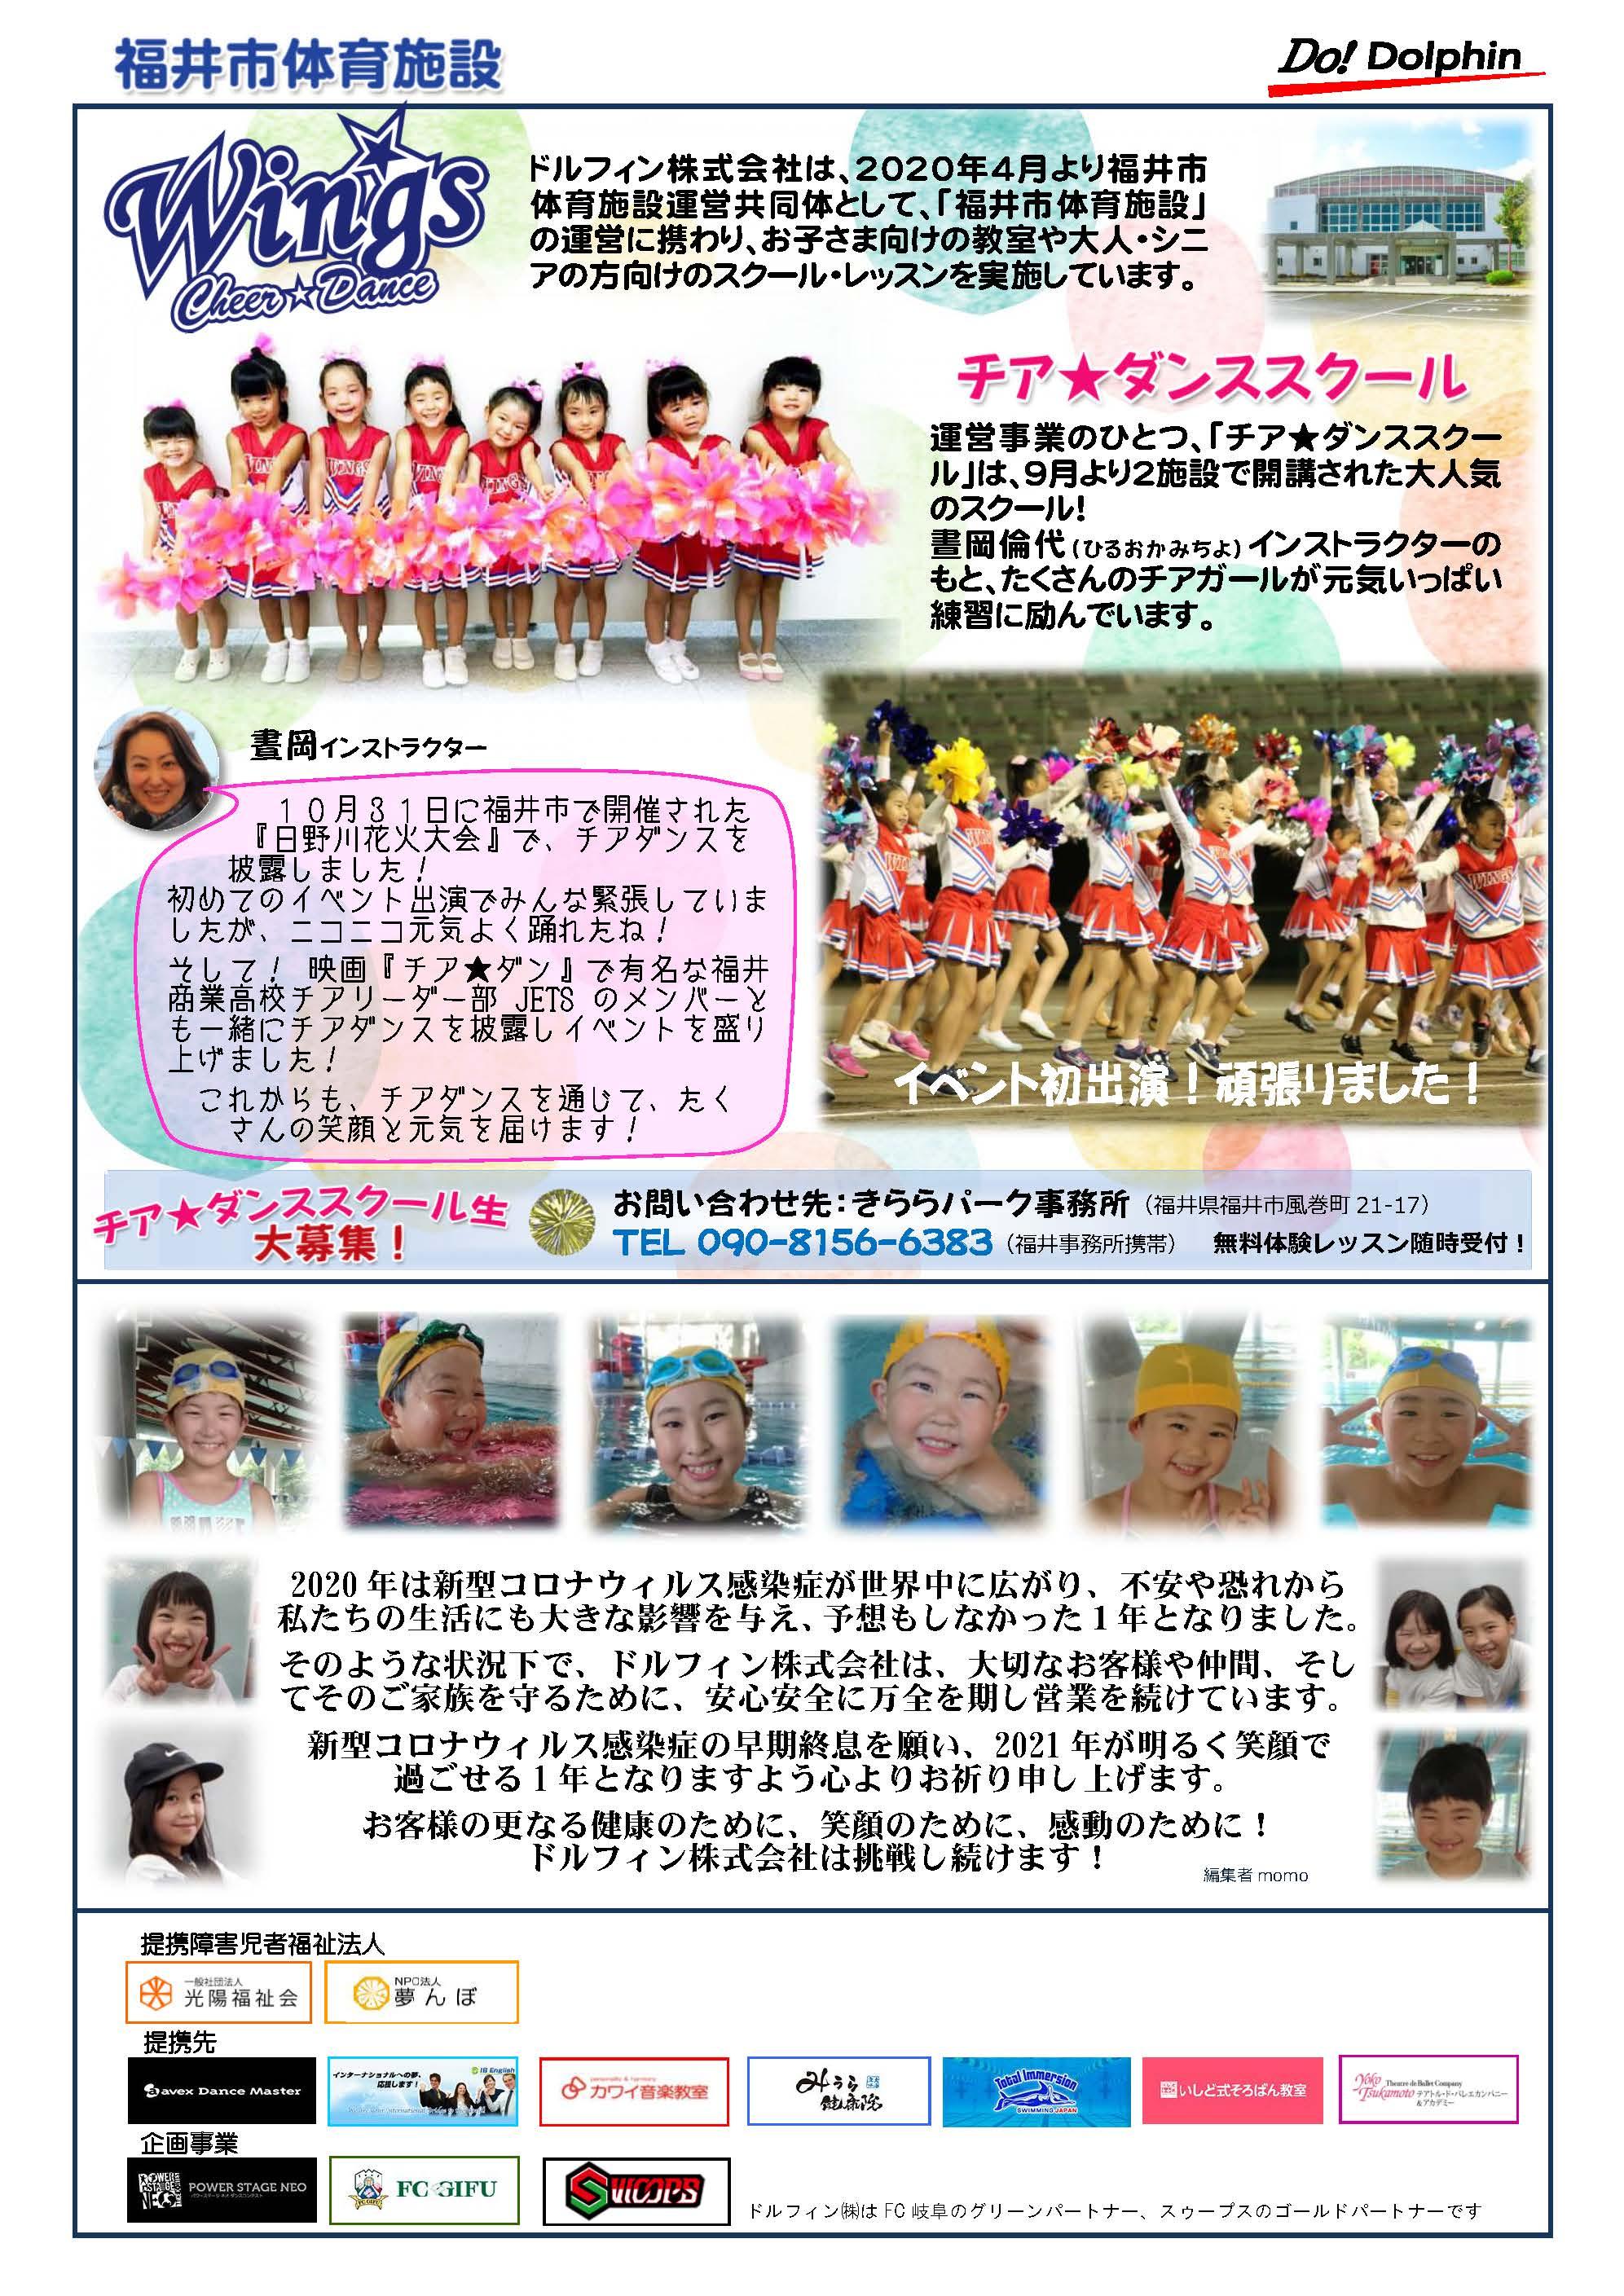 ドルフィン広報誌12月号校了_ページ_6